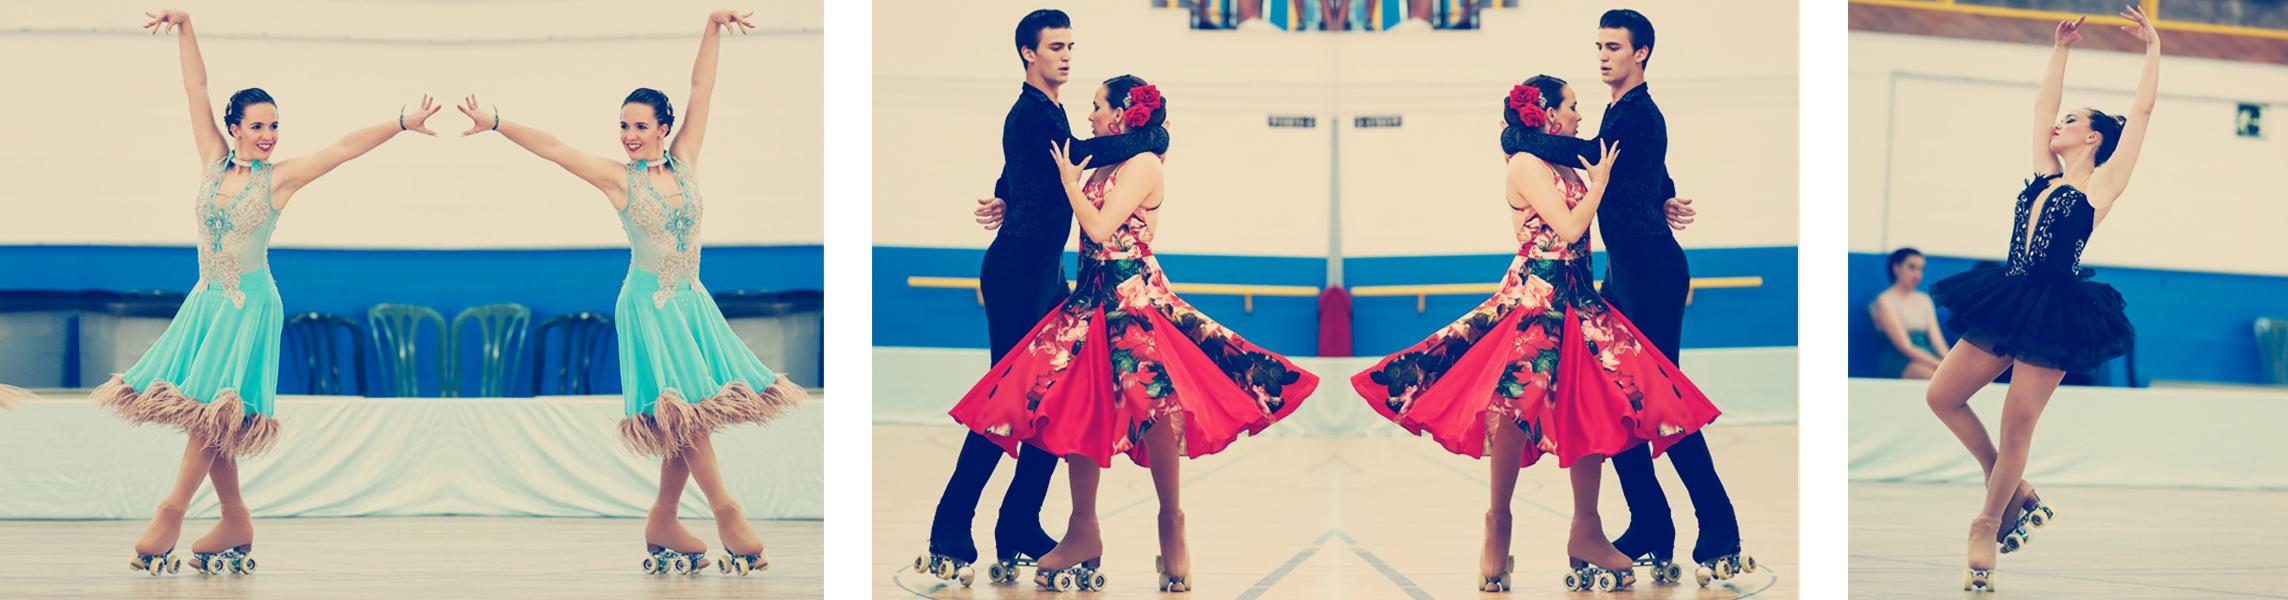 Patricia Ortega, éxito en el patinaje